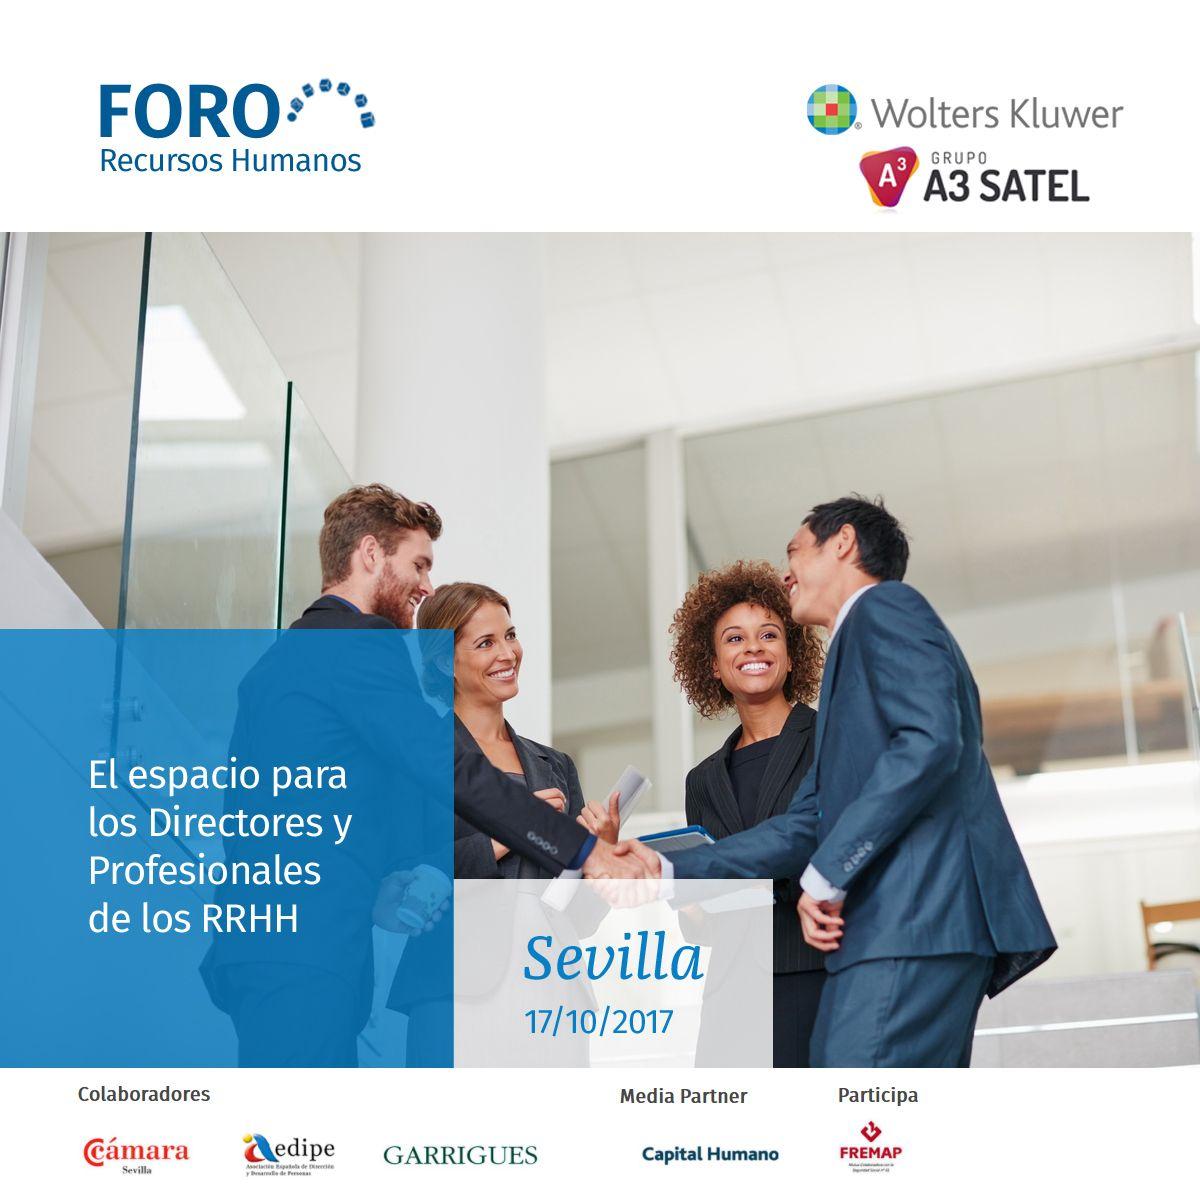 Empresas: Wolters Kluwer y Grupo A3 Satel analizarán el impacto de la transformación digital en las empresas en el II Foro Recursos Humanos de Sevilla   Autor del artículo: Finanzas.com